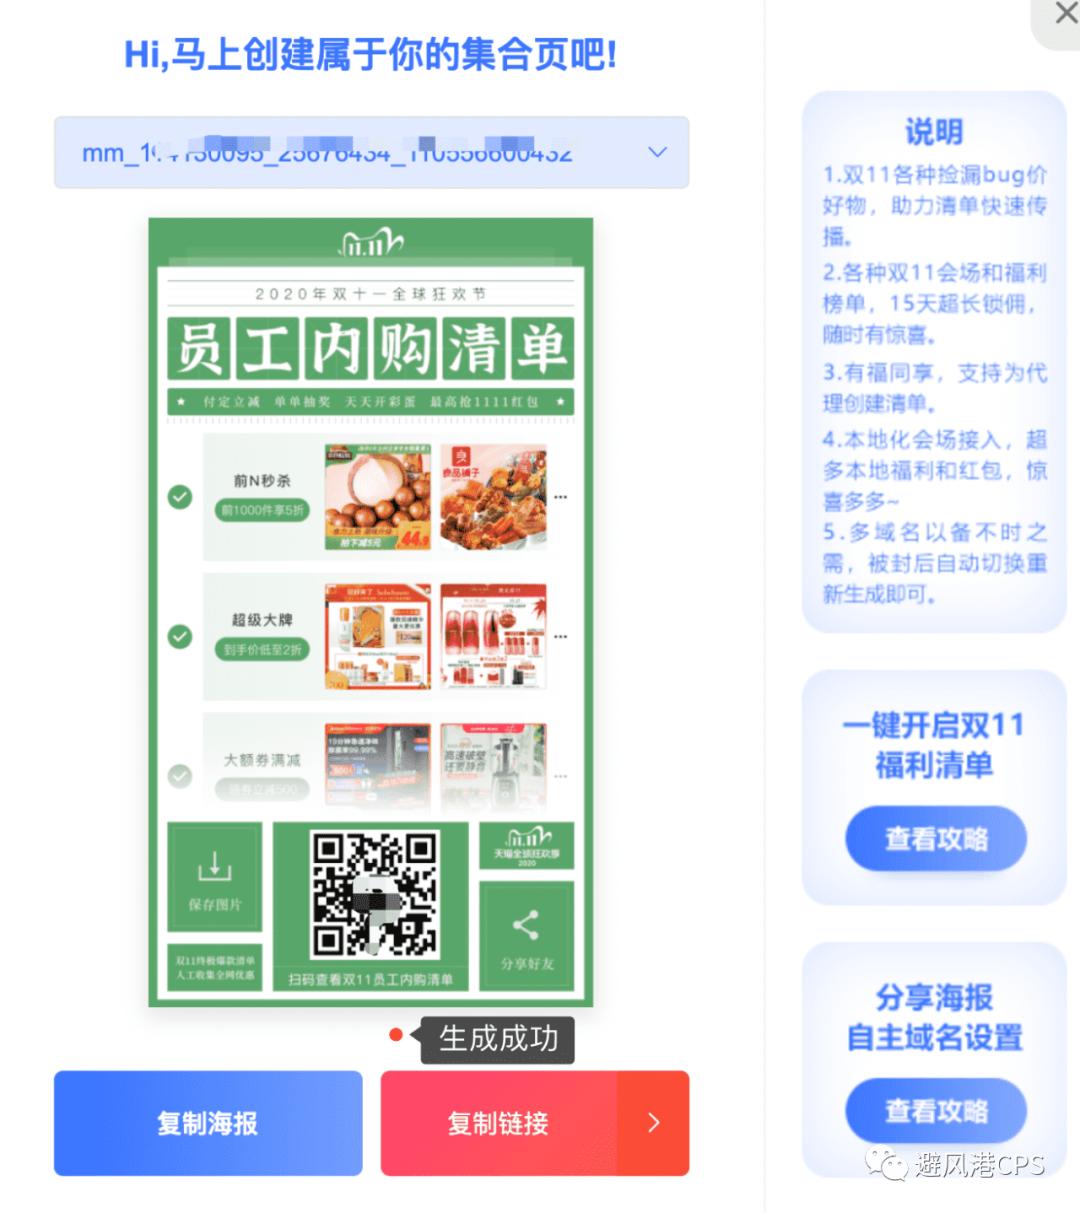 半价免单商品都在这,教你生成<a href='https://www.zhouxiaohui.cn/taobaoke/'>淘客</a>双11免单页面-第5张图片-周小辉博客